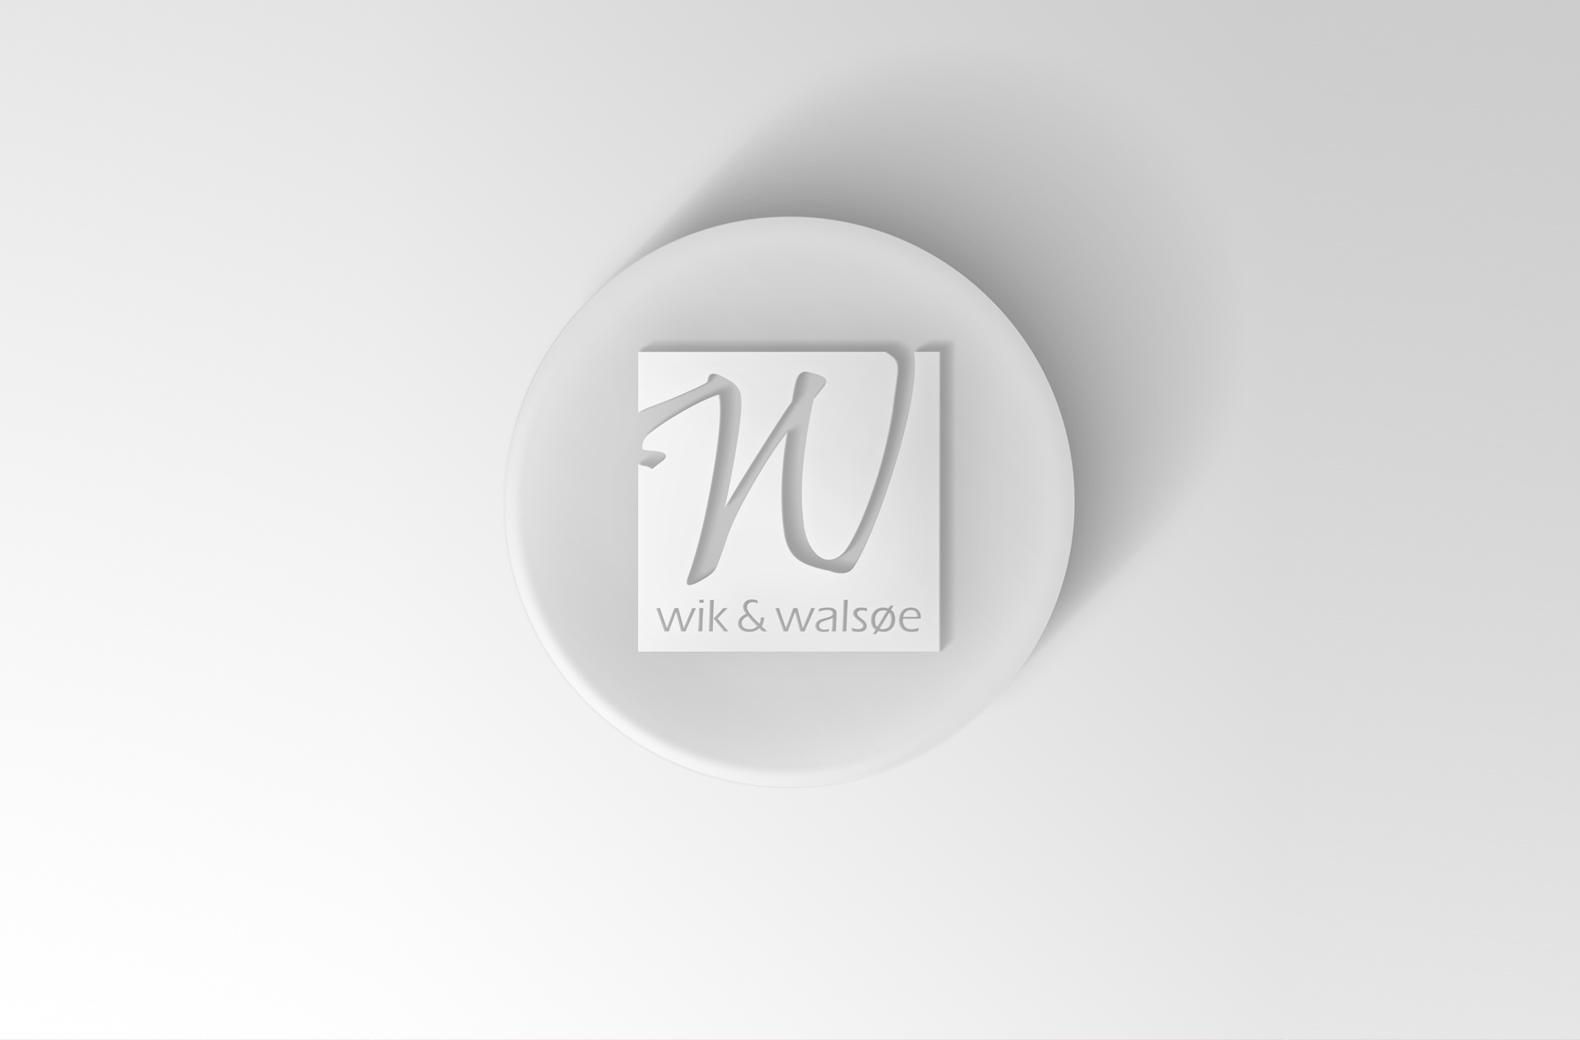 DESIGNSTUDIOET WIK & WALSØE